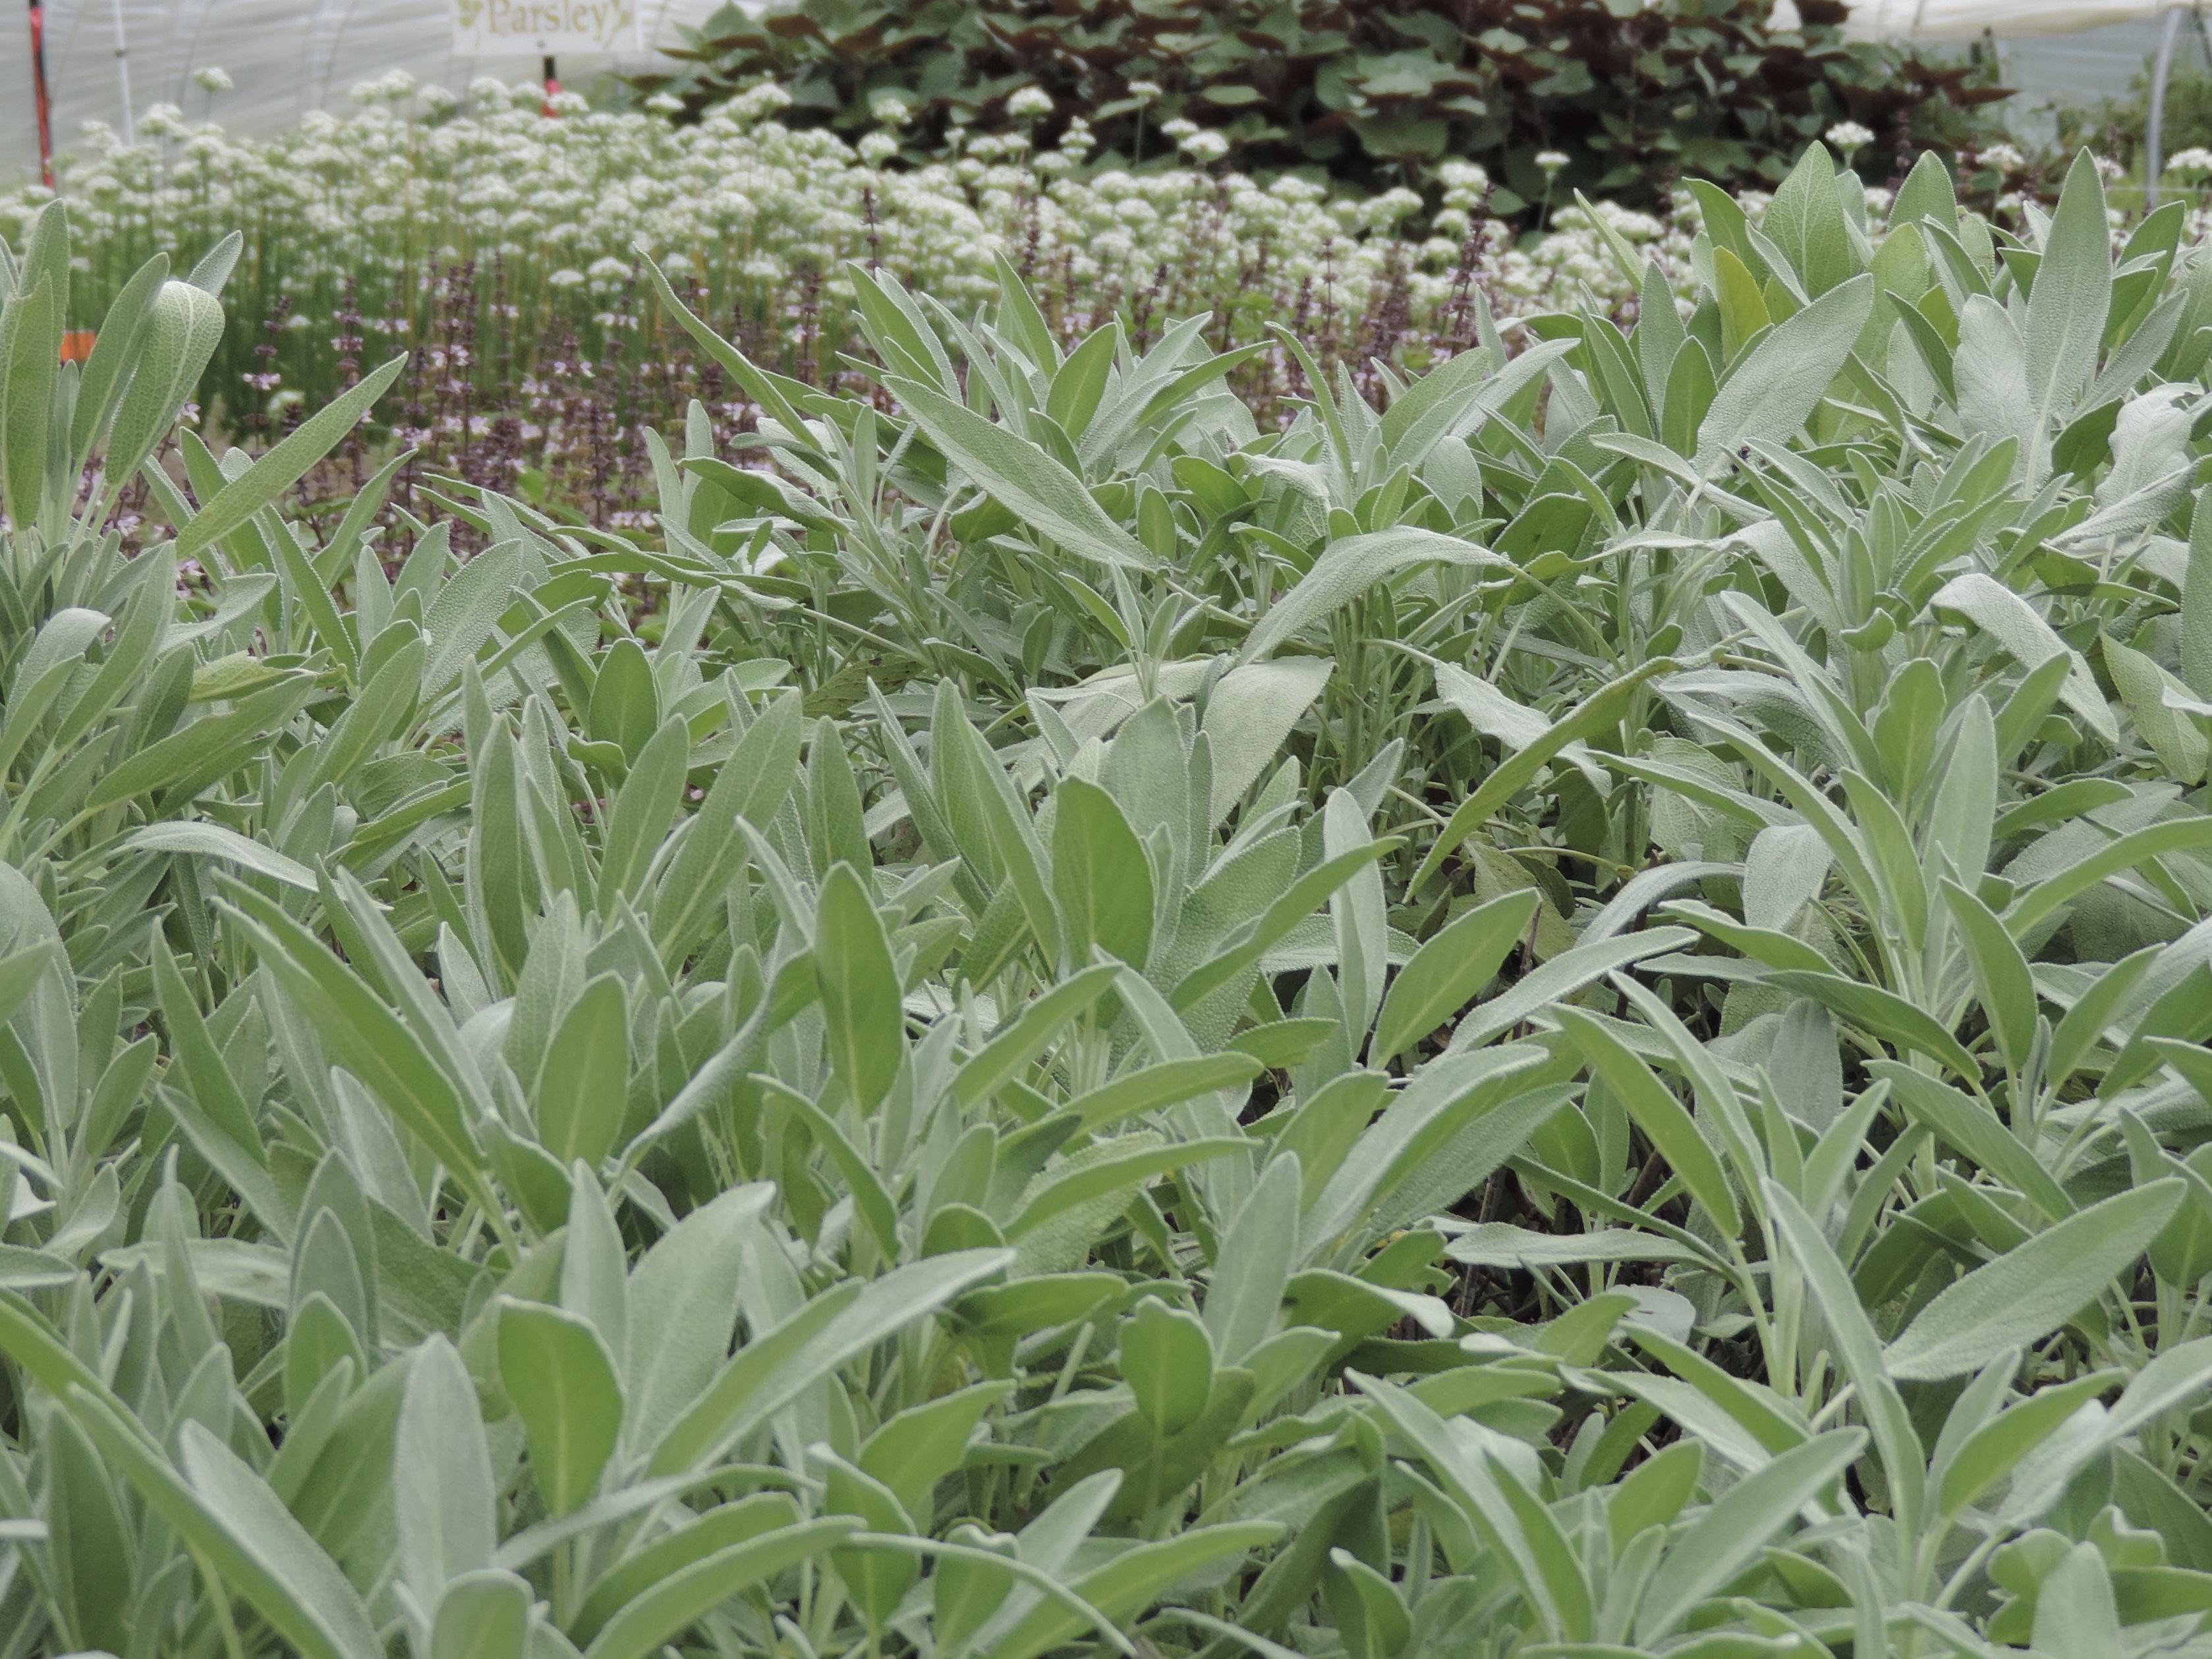 Herb Notes: Sage